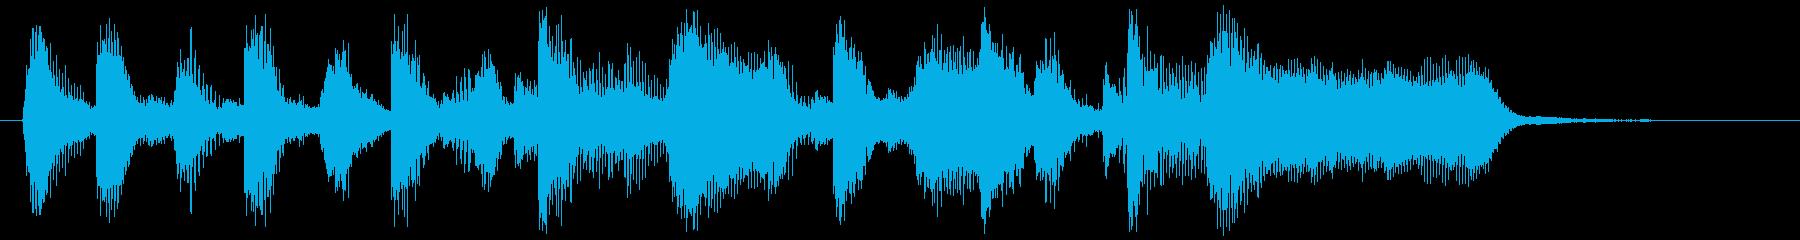 ハートフルなブラス&サックスのロゴ♪の再生済みの波形